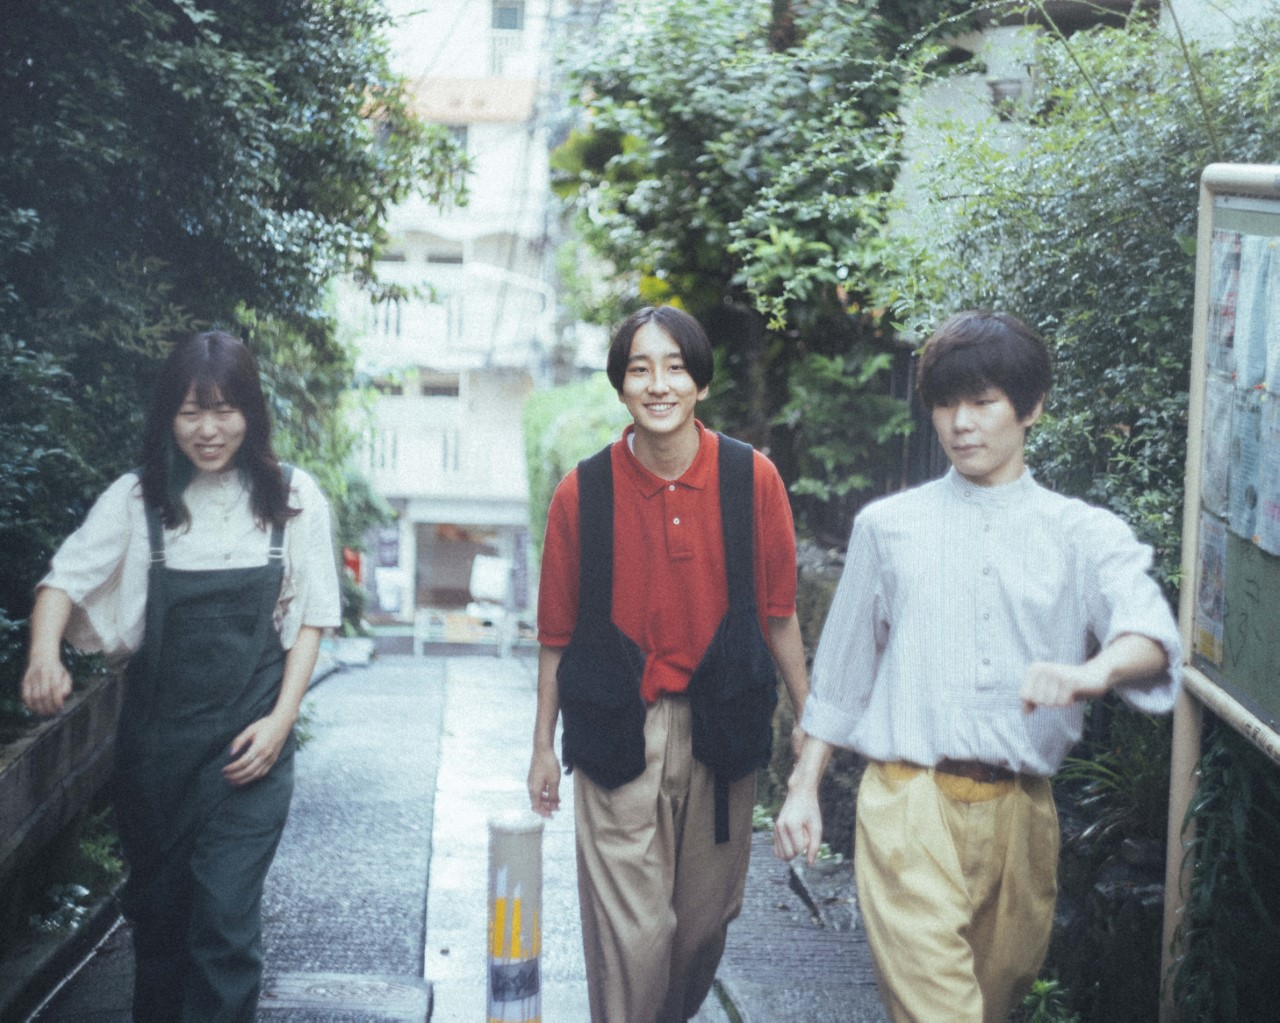 リュックと添い寝ごはん、12月9日発売1stアルバム「neo neo」 収録曲&ジャケット写真発表